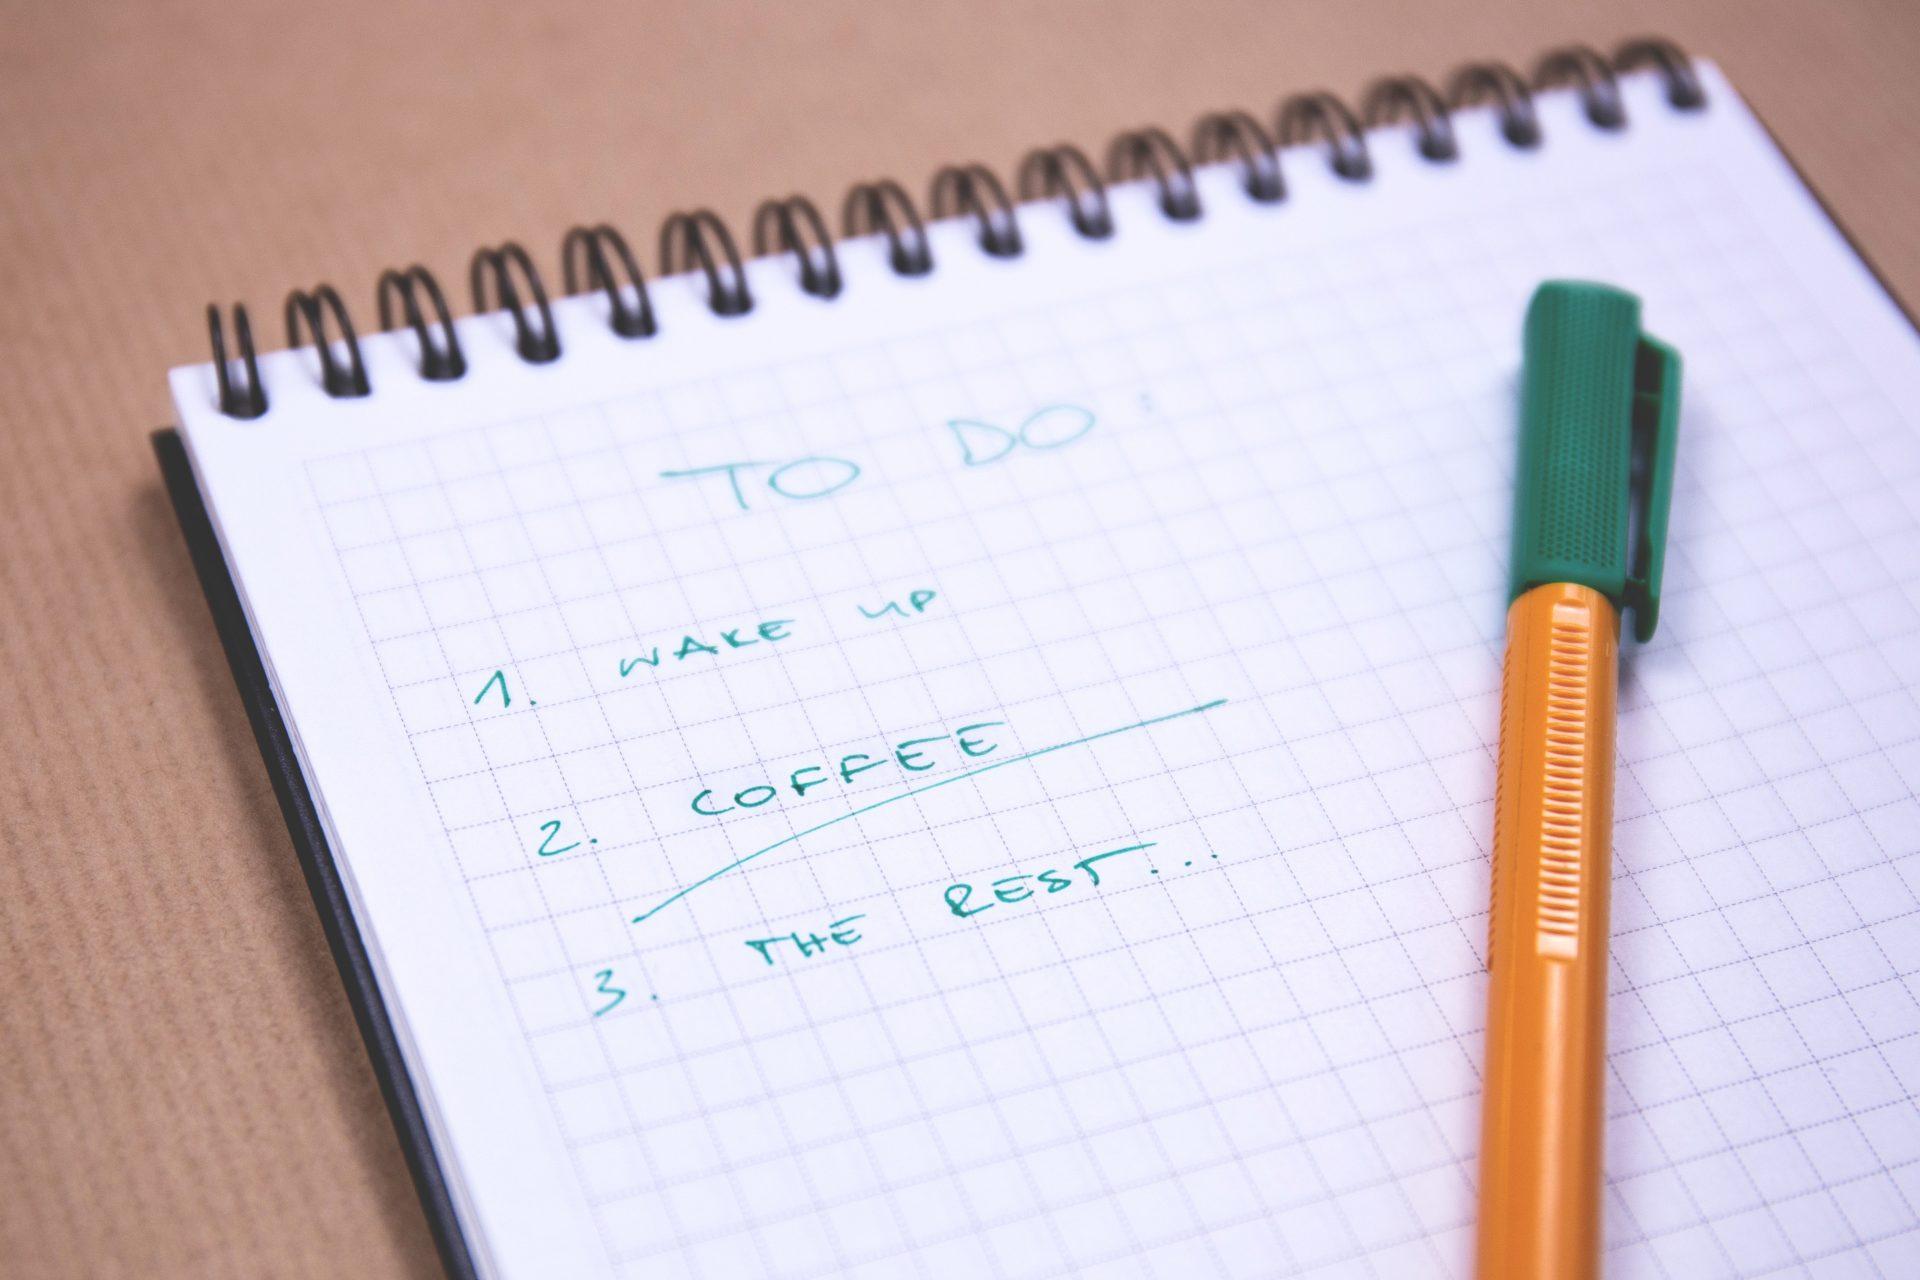 Lista delle cose da fare prima di pubblicare un articolo sul blog  - Lista delle cose da fare prima di pubblicare un articolo sul blog Gianluca Gentile - Lista delle cose da fare prima di pubblicare un articolo sul blog